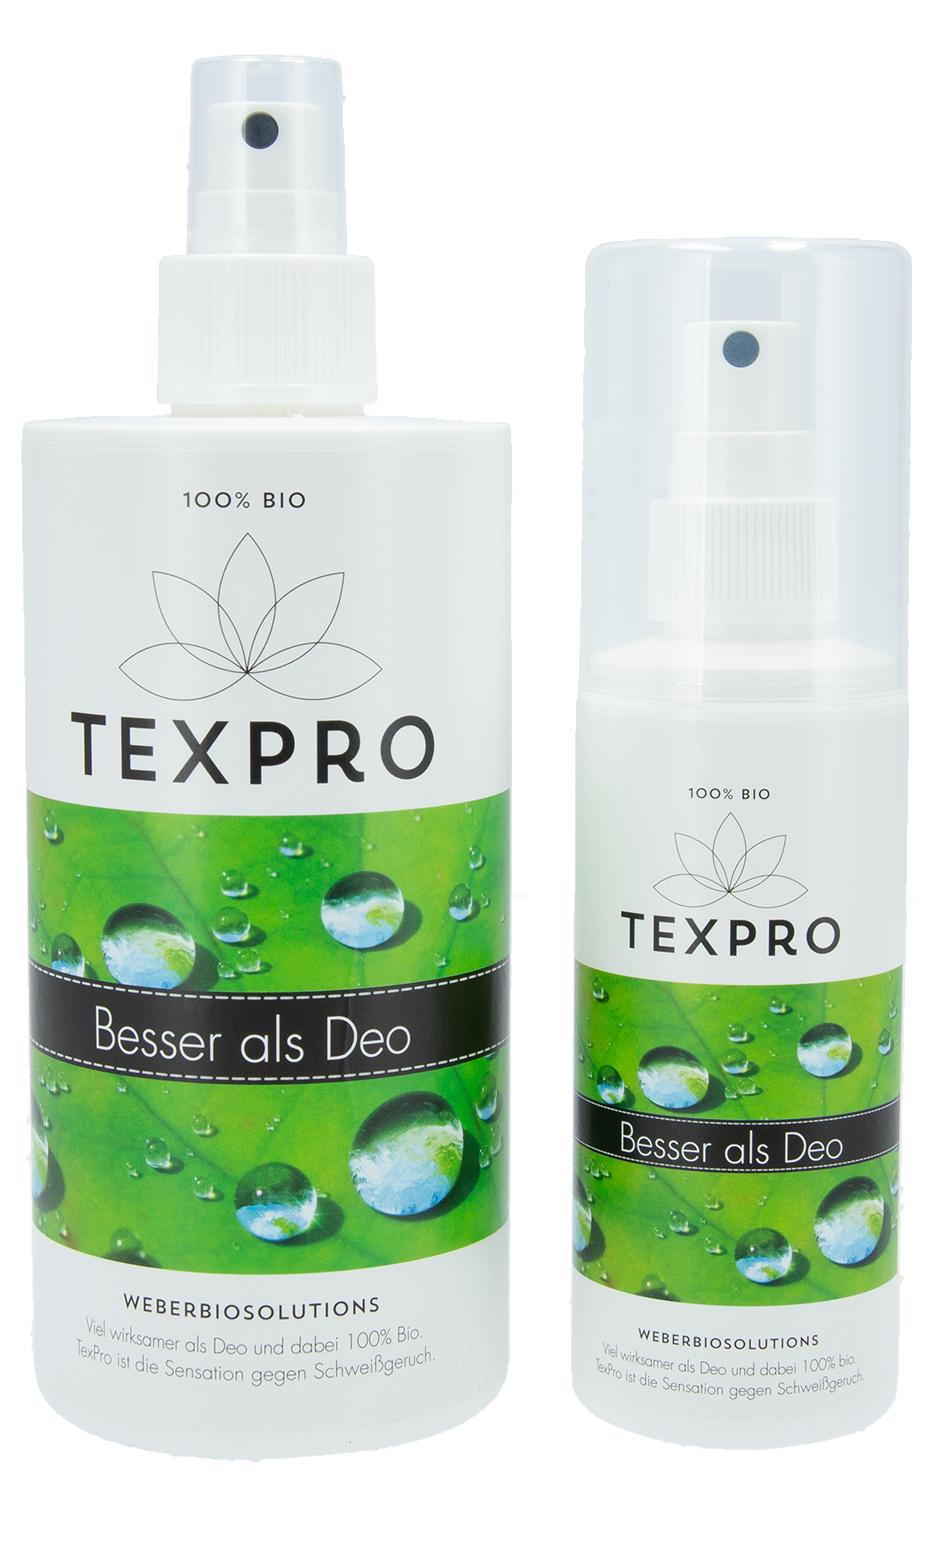 TexPro